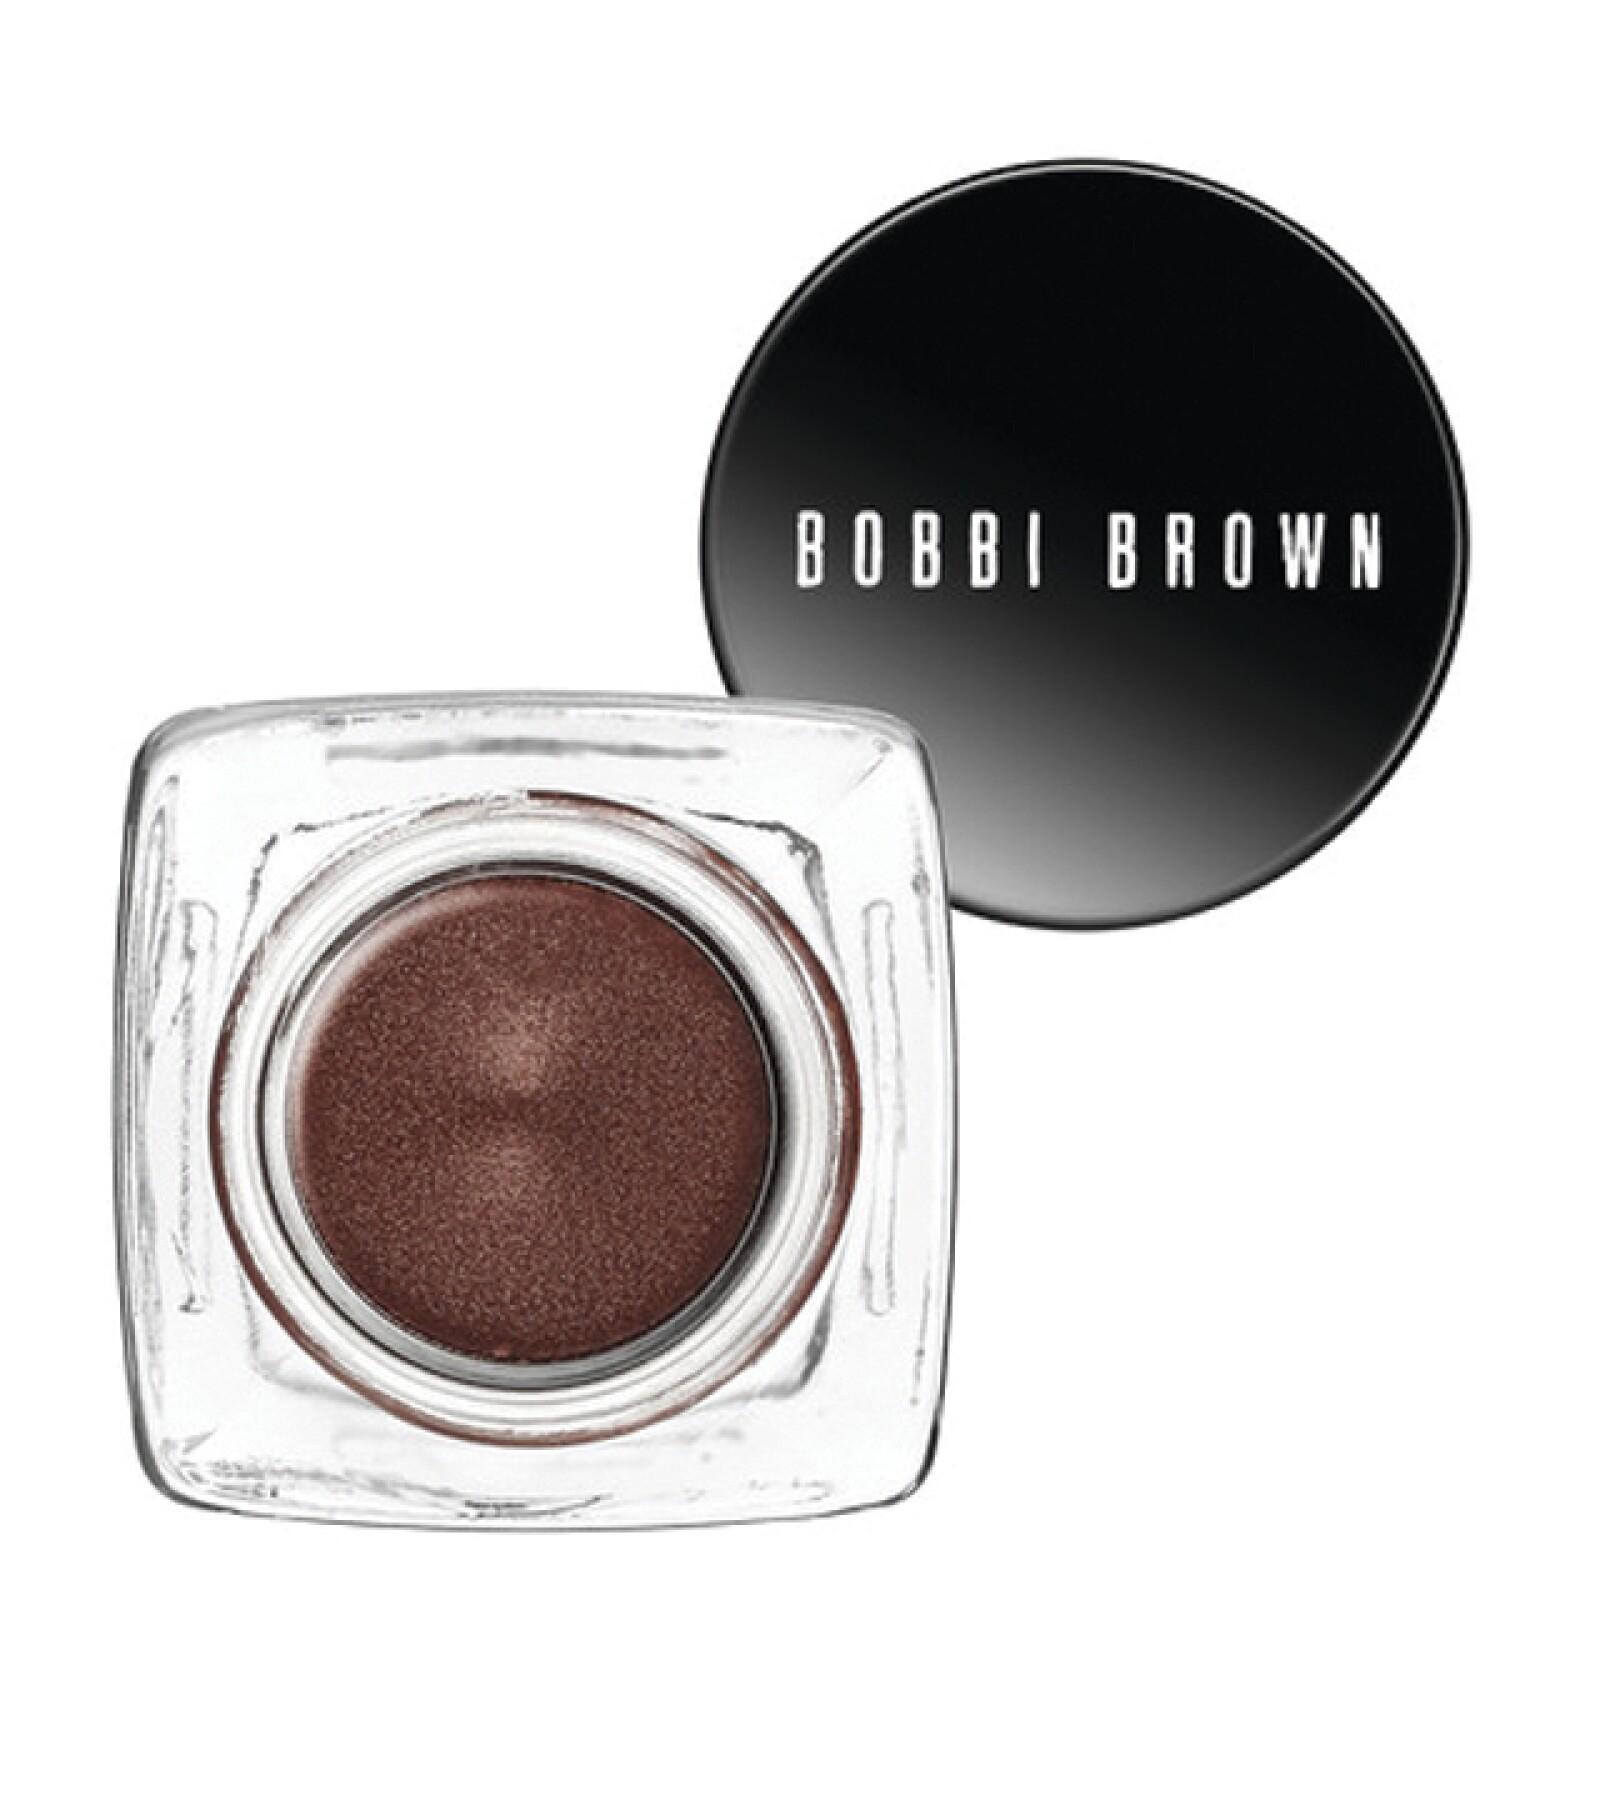 Bobbi Brown: Long Wear Cream Shadow. Sombra en crema que dura toda la noche sin desmancharse. 460 pesos. sephora.com.mx